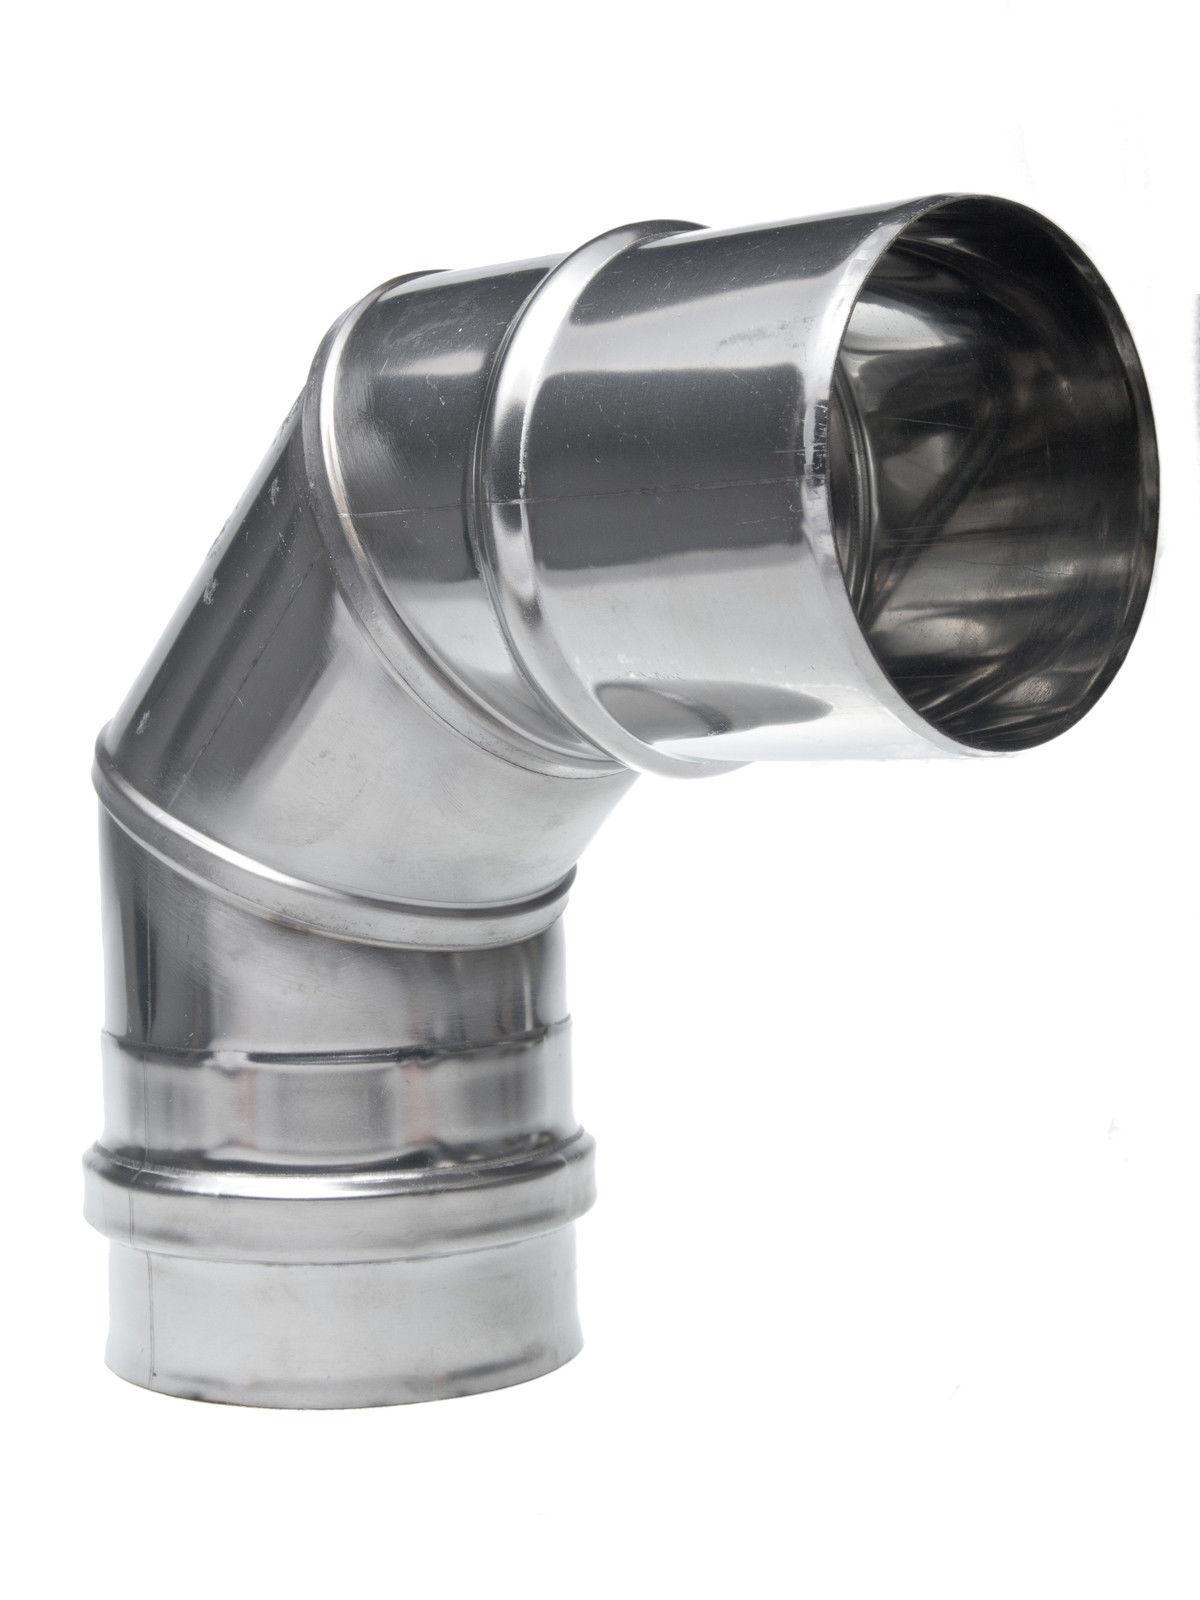 Coude cheminée Inox 87 dégrés dégrés dégrés ø 200 mm 8357d0